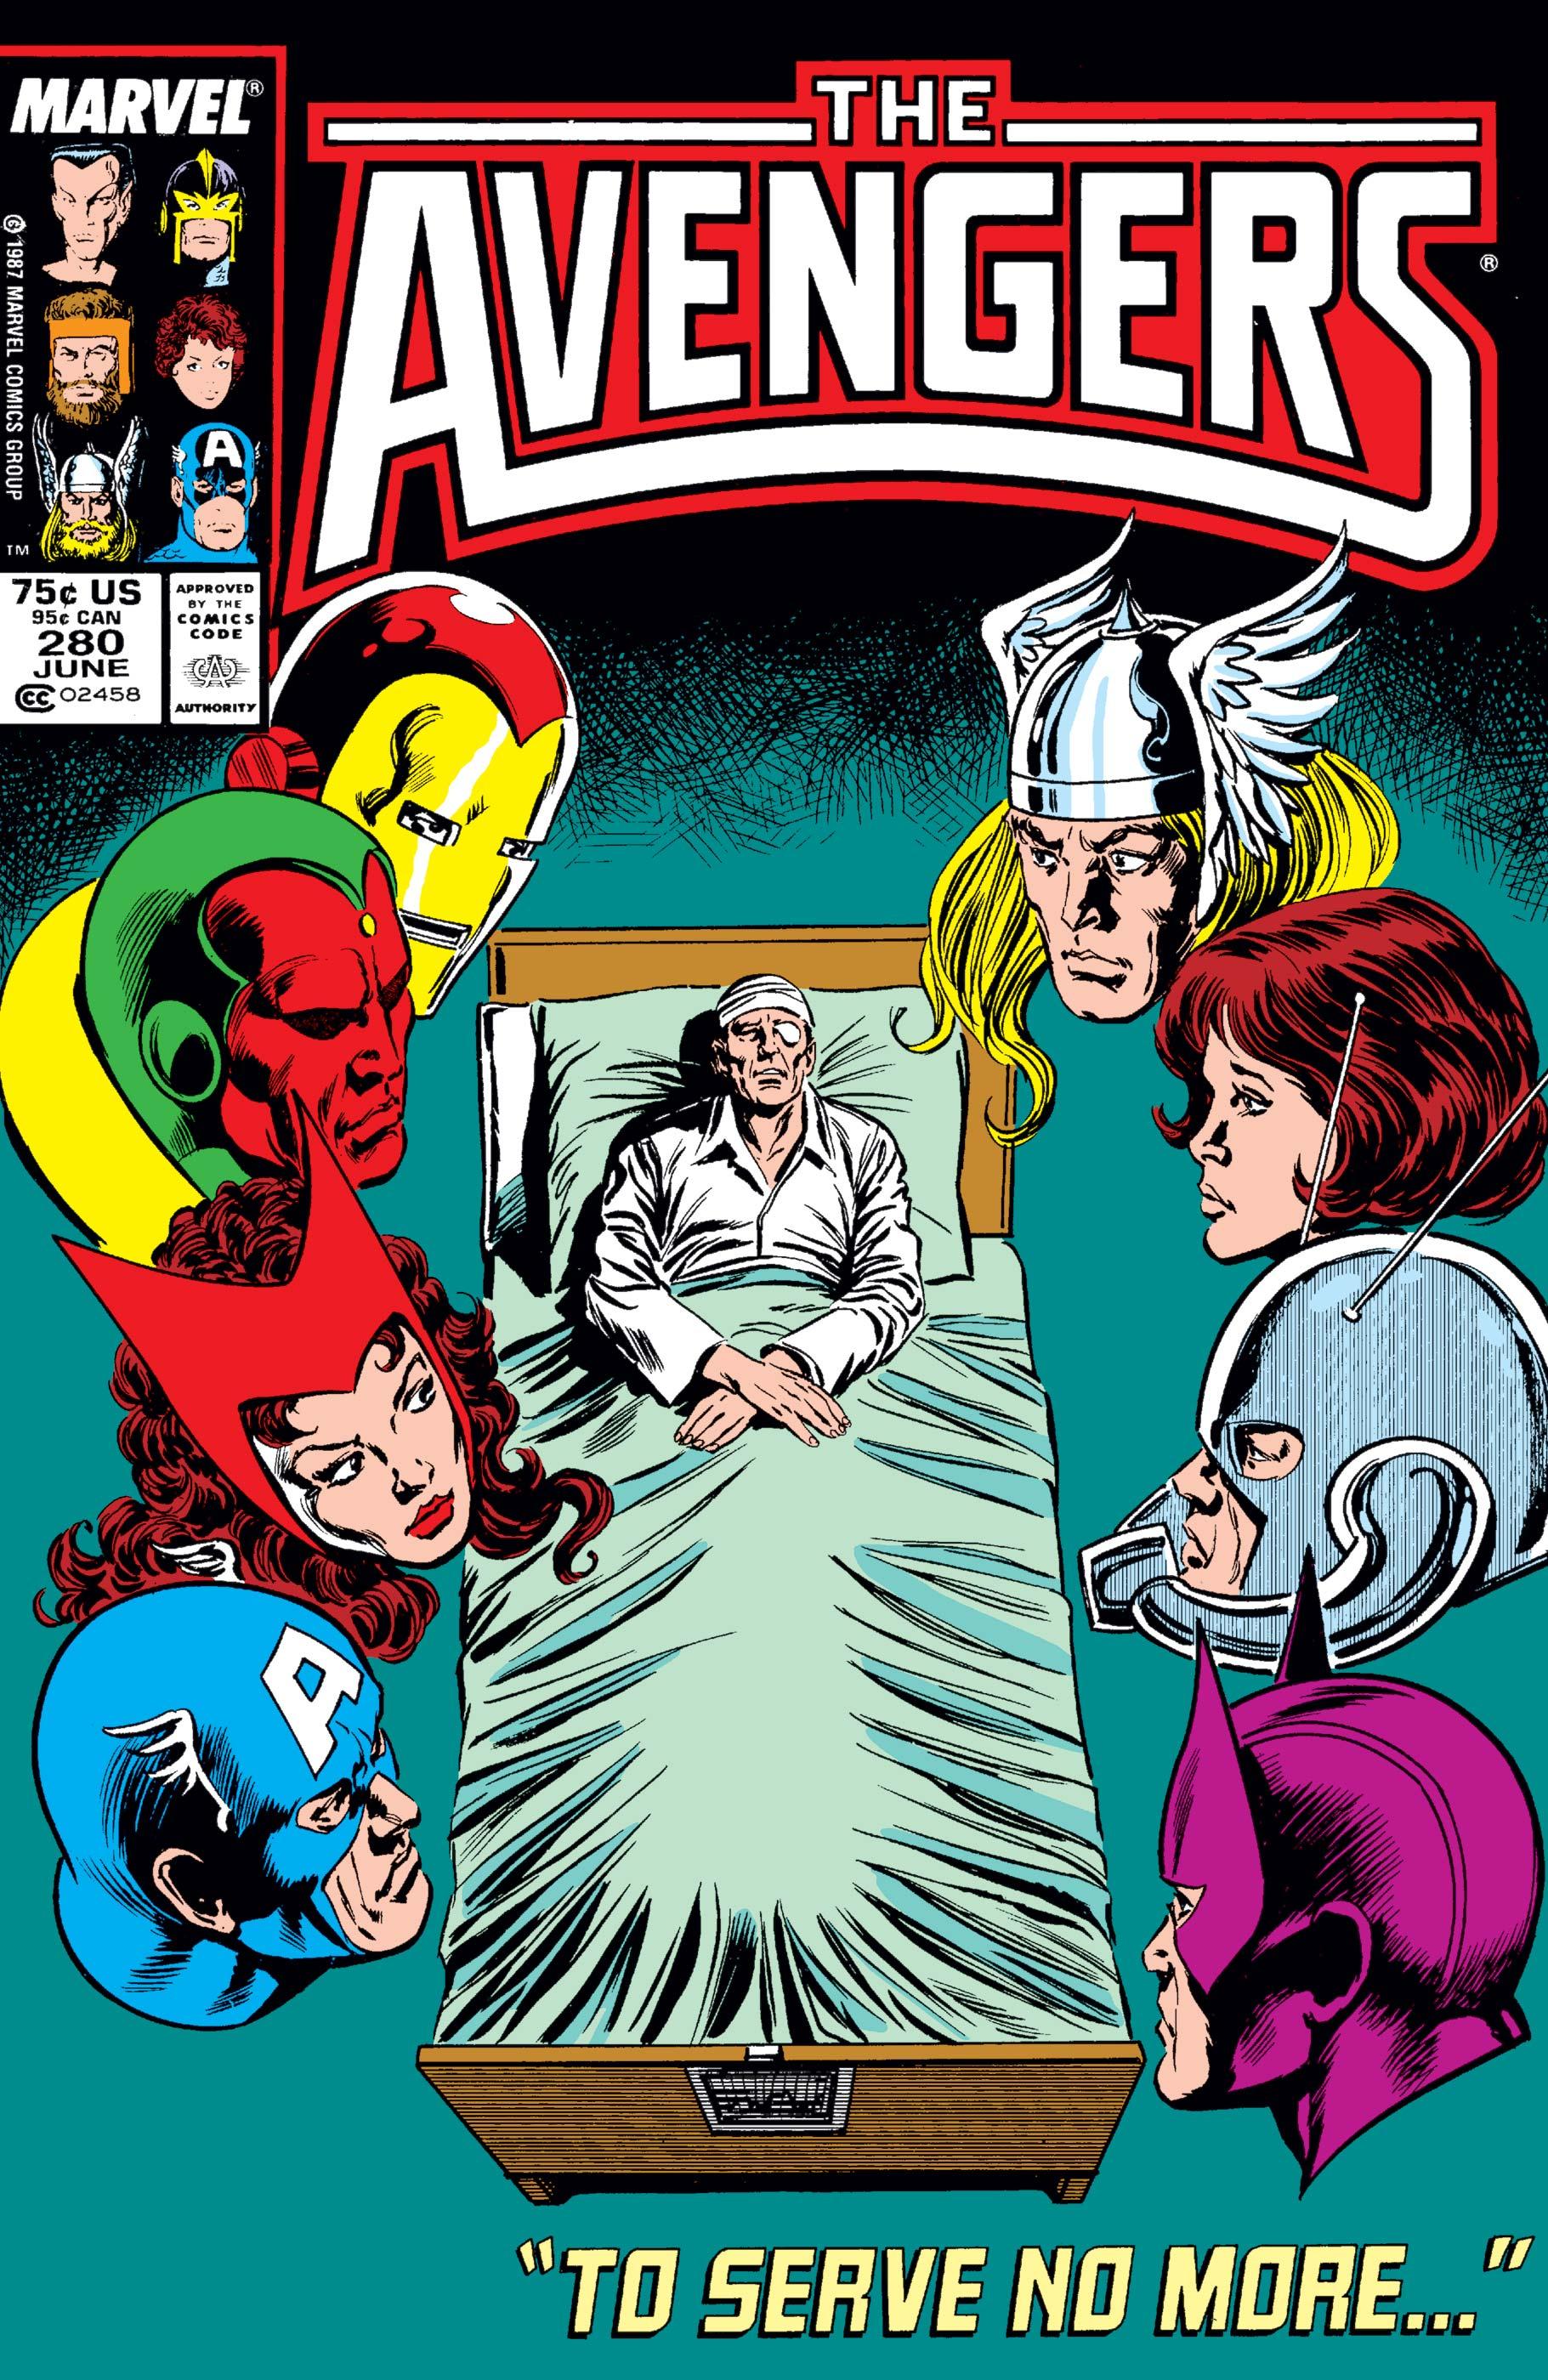 Avengers (1963) #280